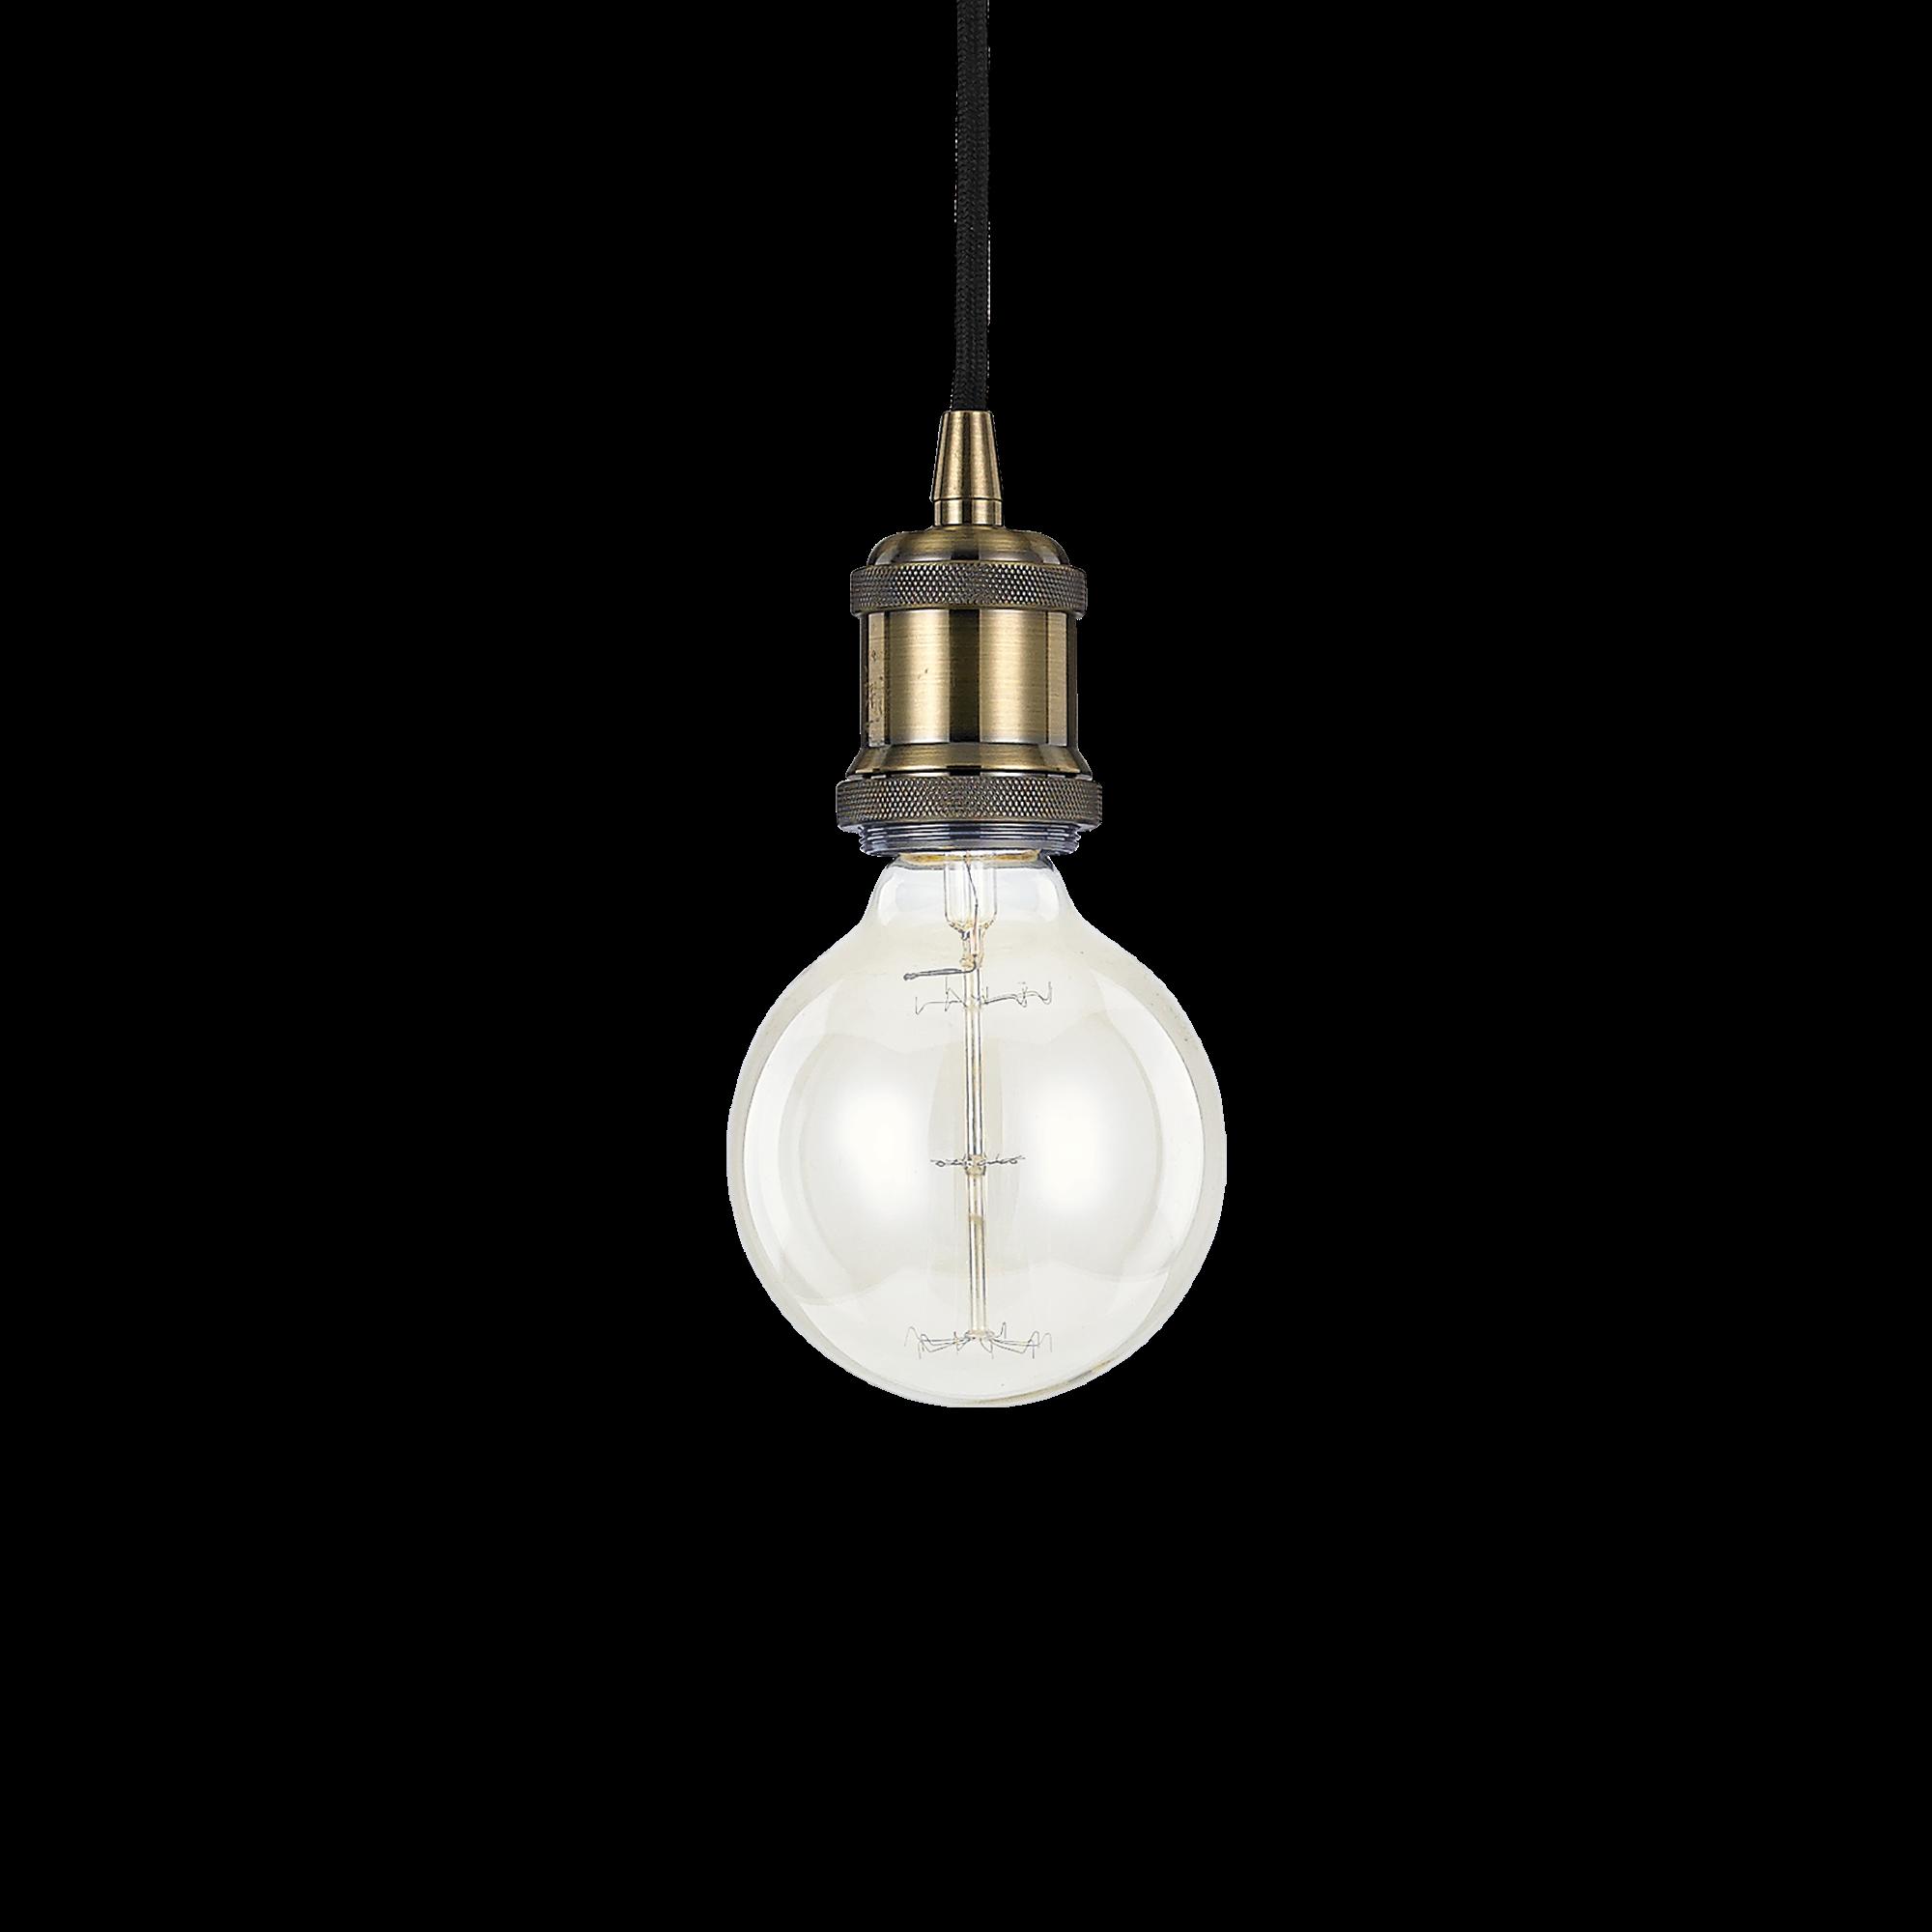 Ideal Lux 122083 Frida SP1 Brunito lámpa függeszték